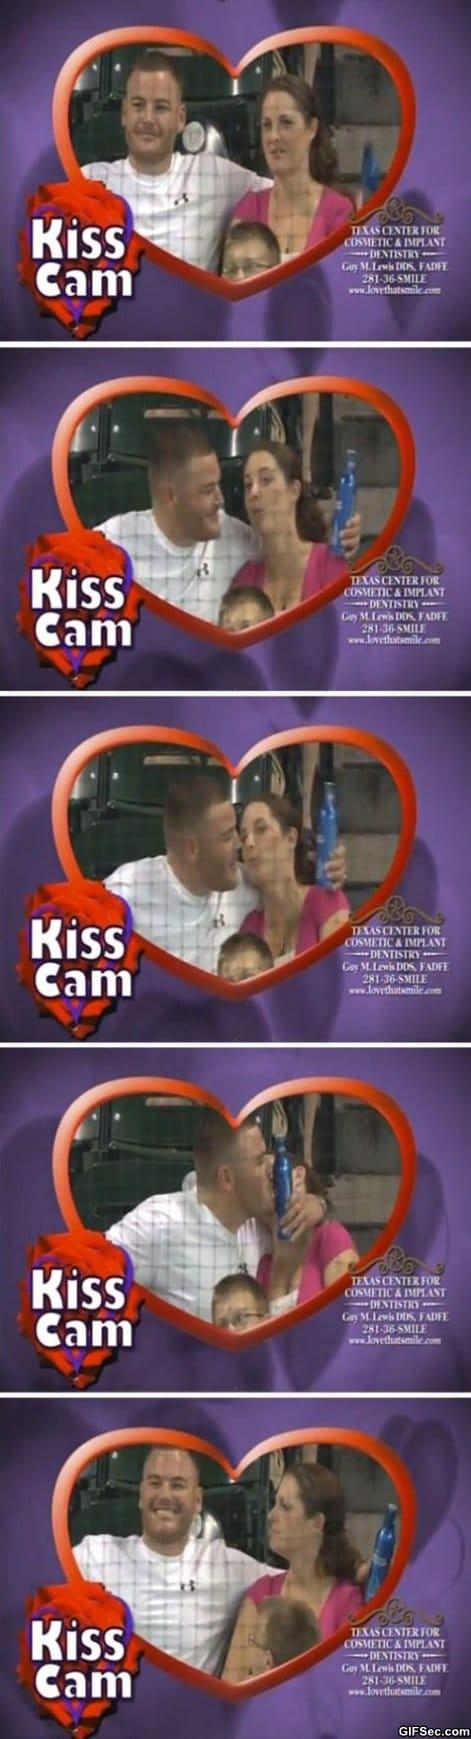 kiss-cam